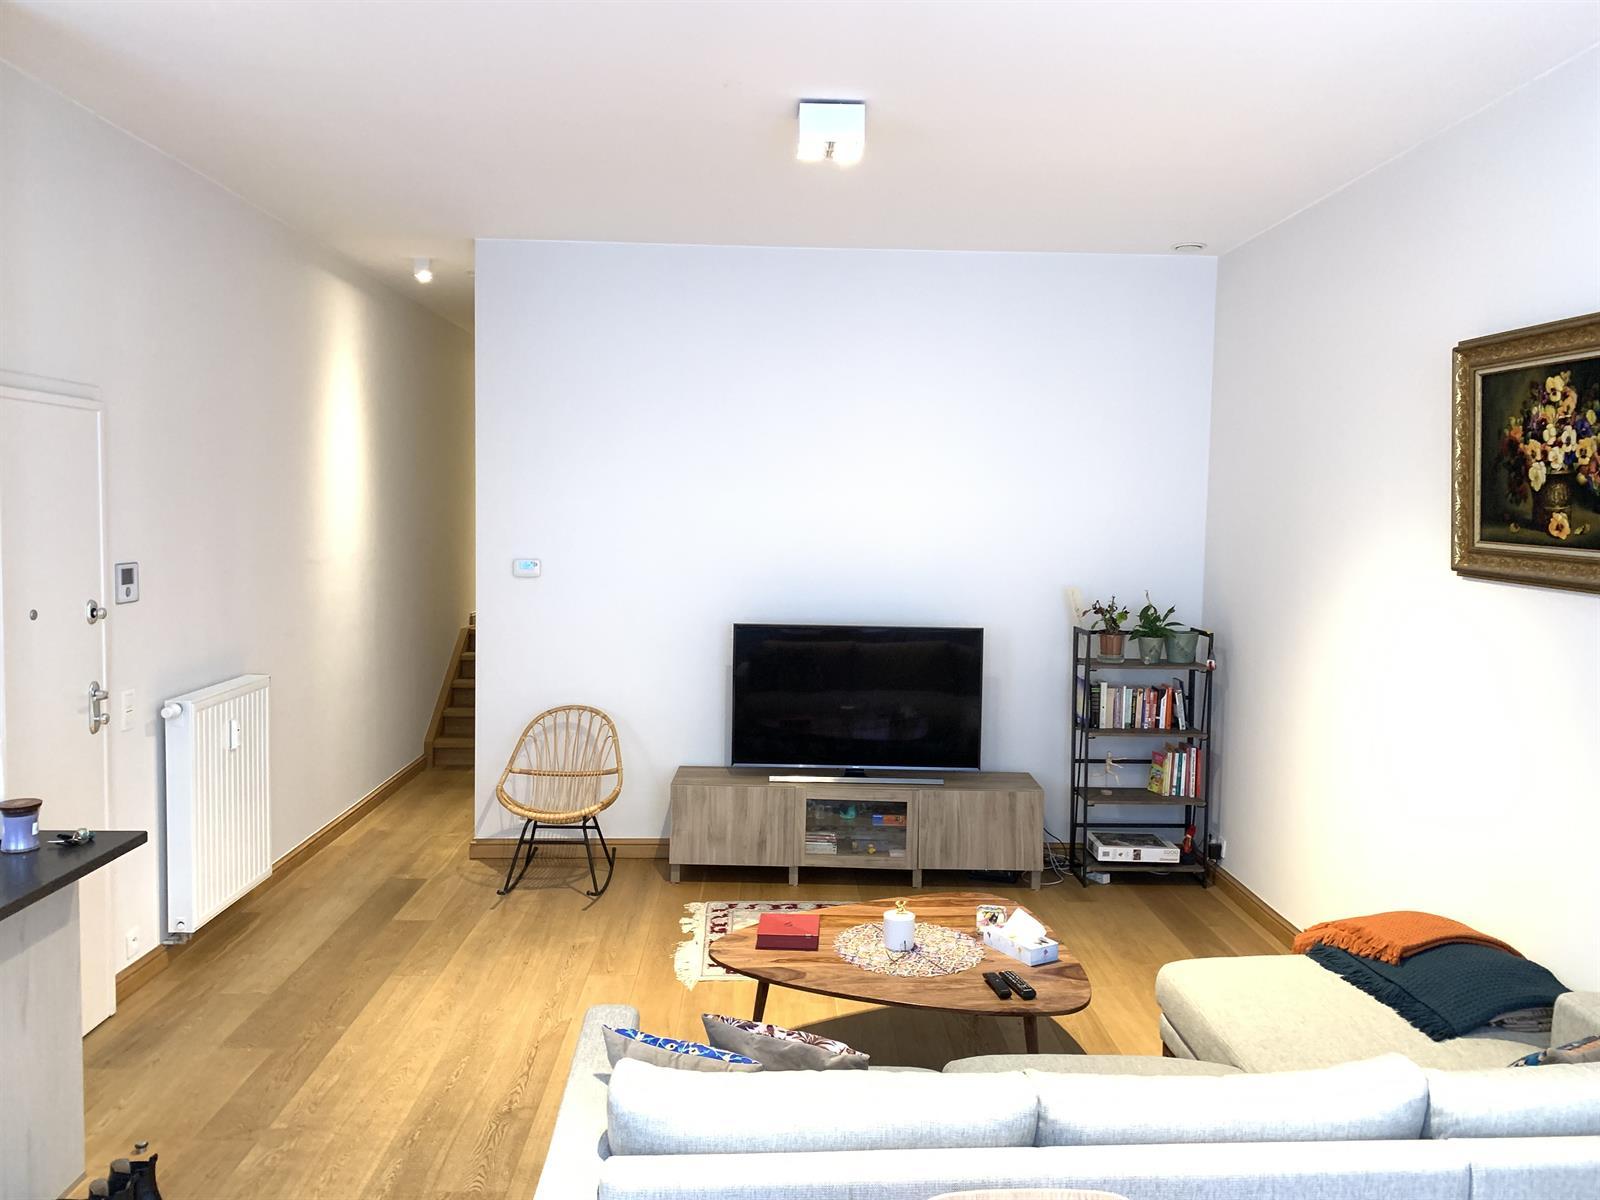 Appartement exceptionnel - Bruxelles - #4056384-41